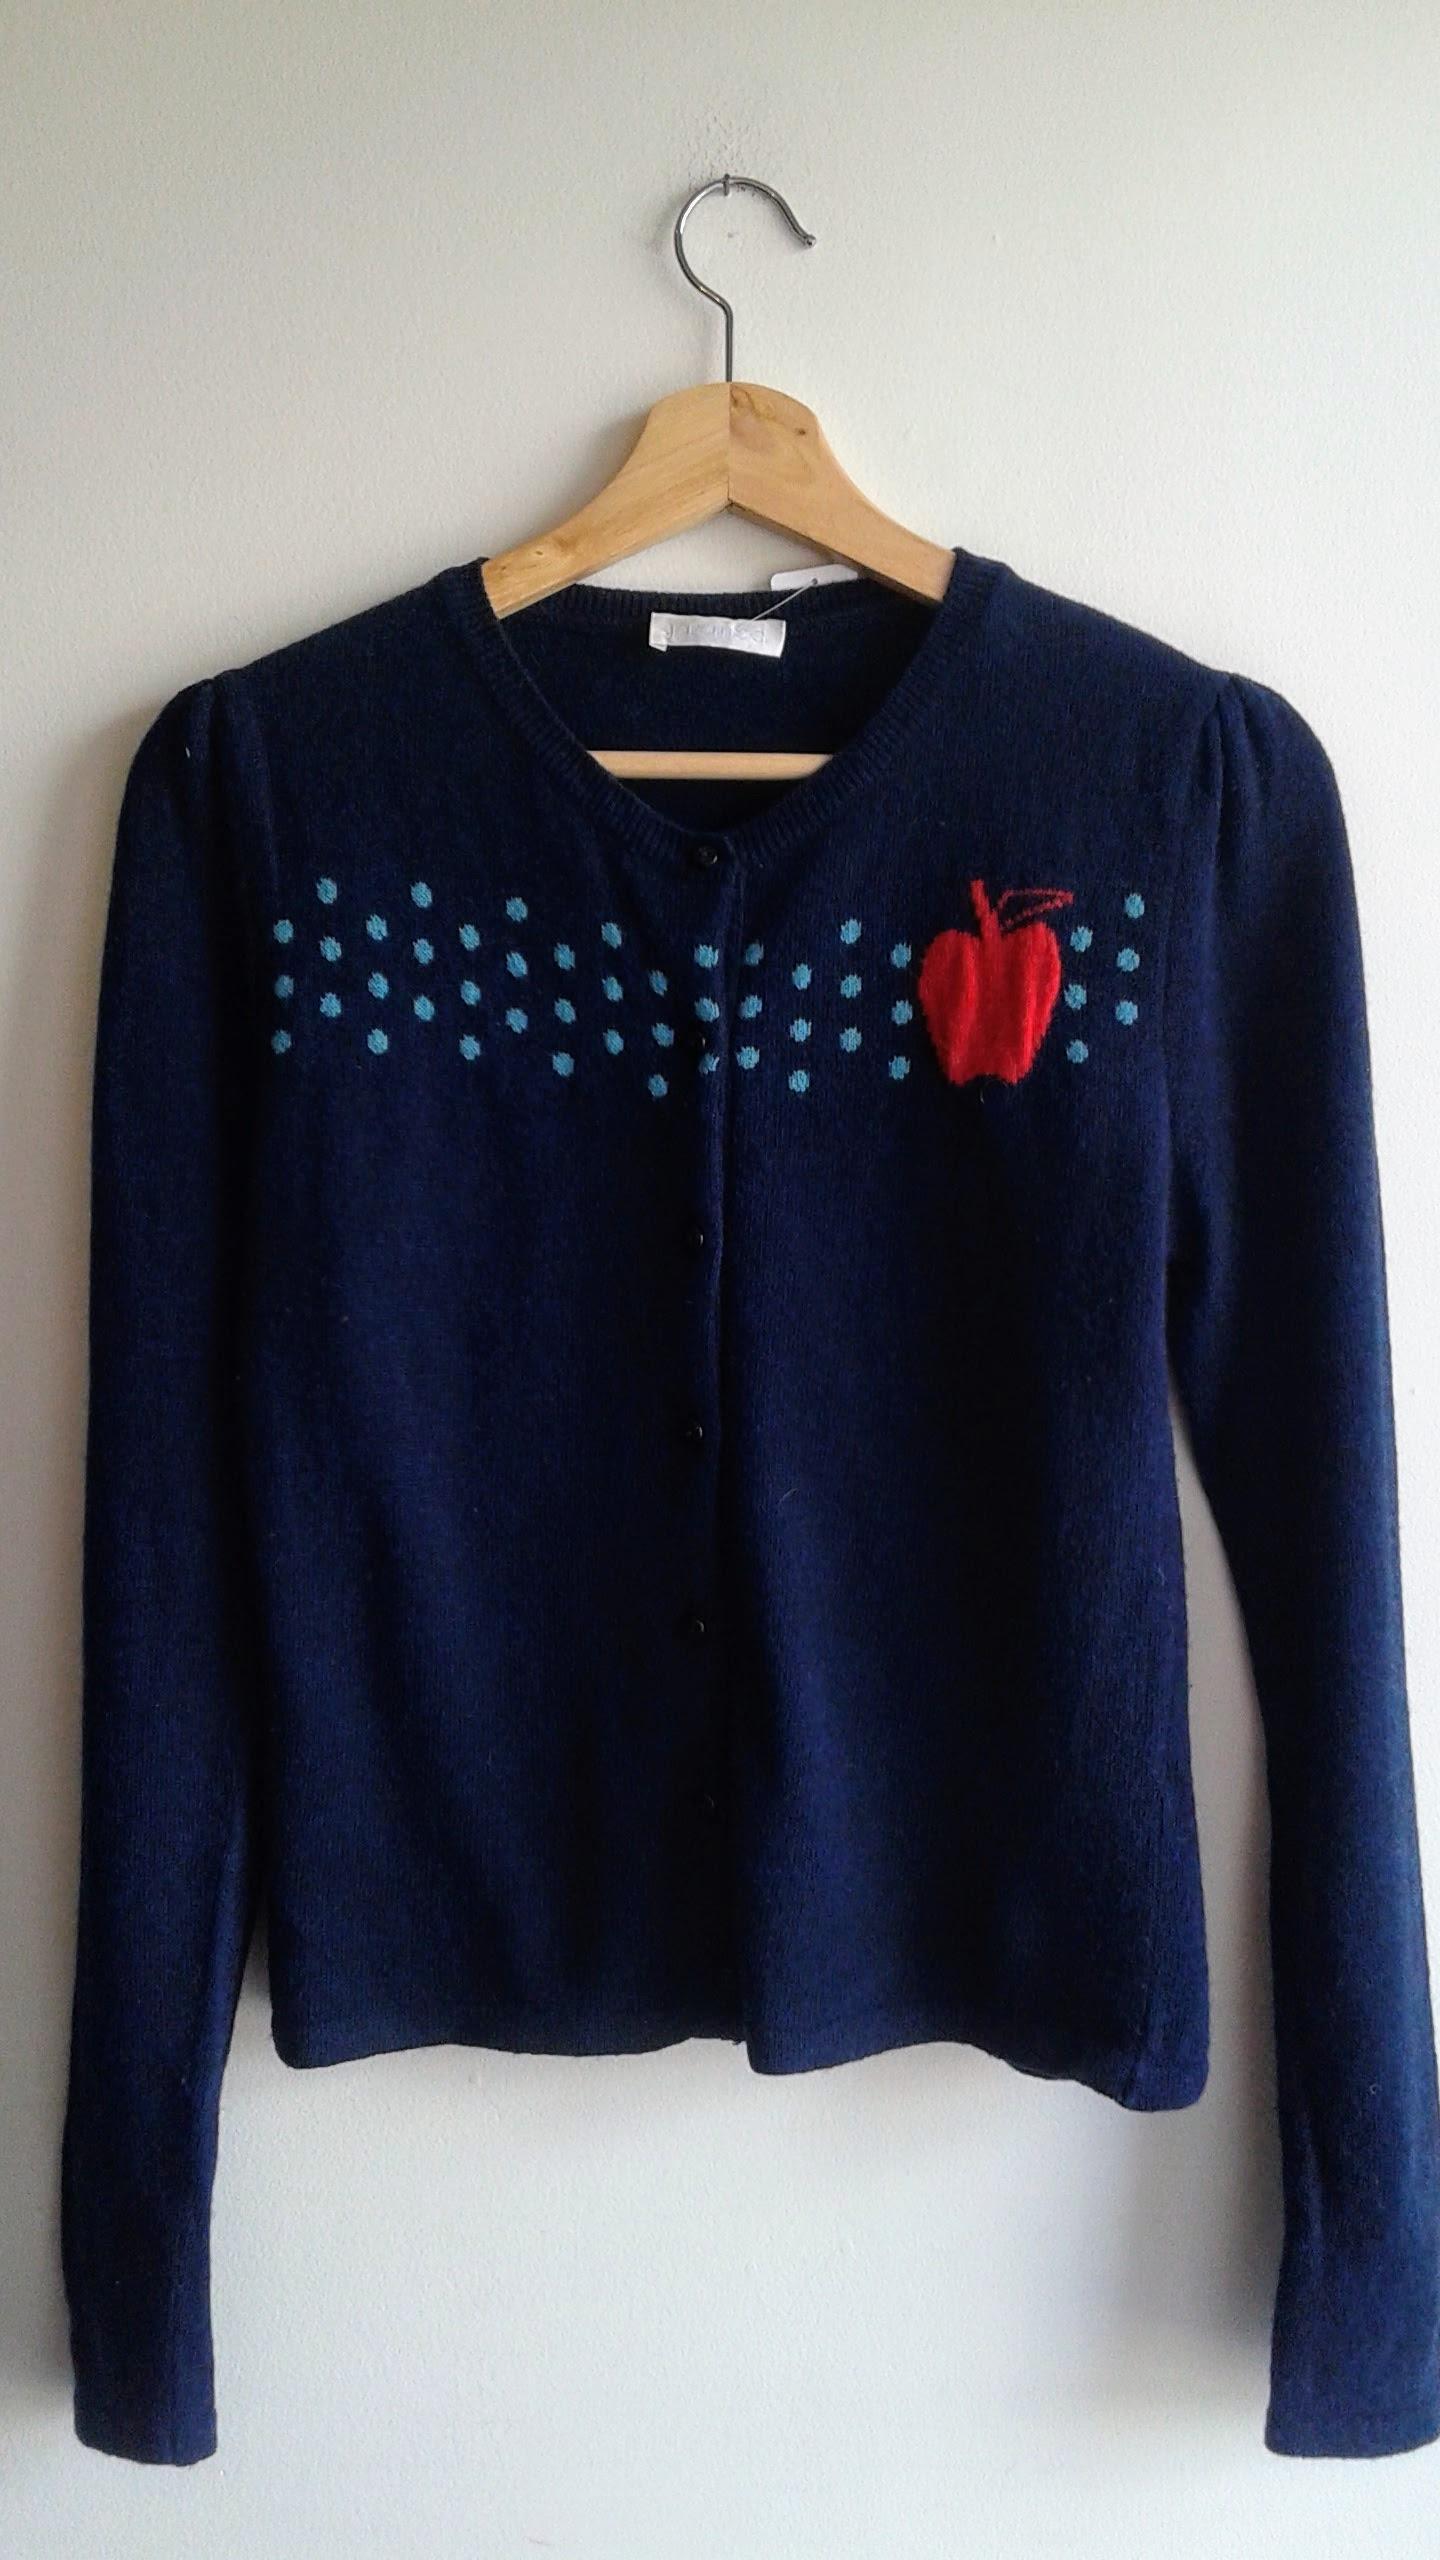 Promod cardigan; Size S, $24